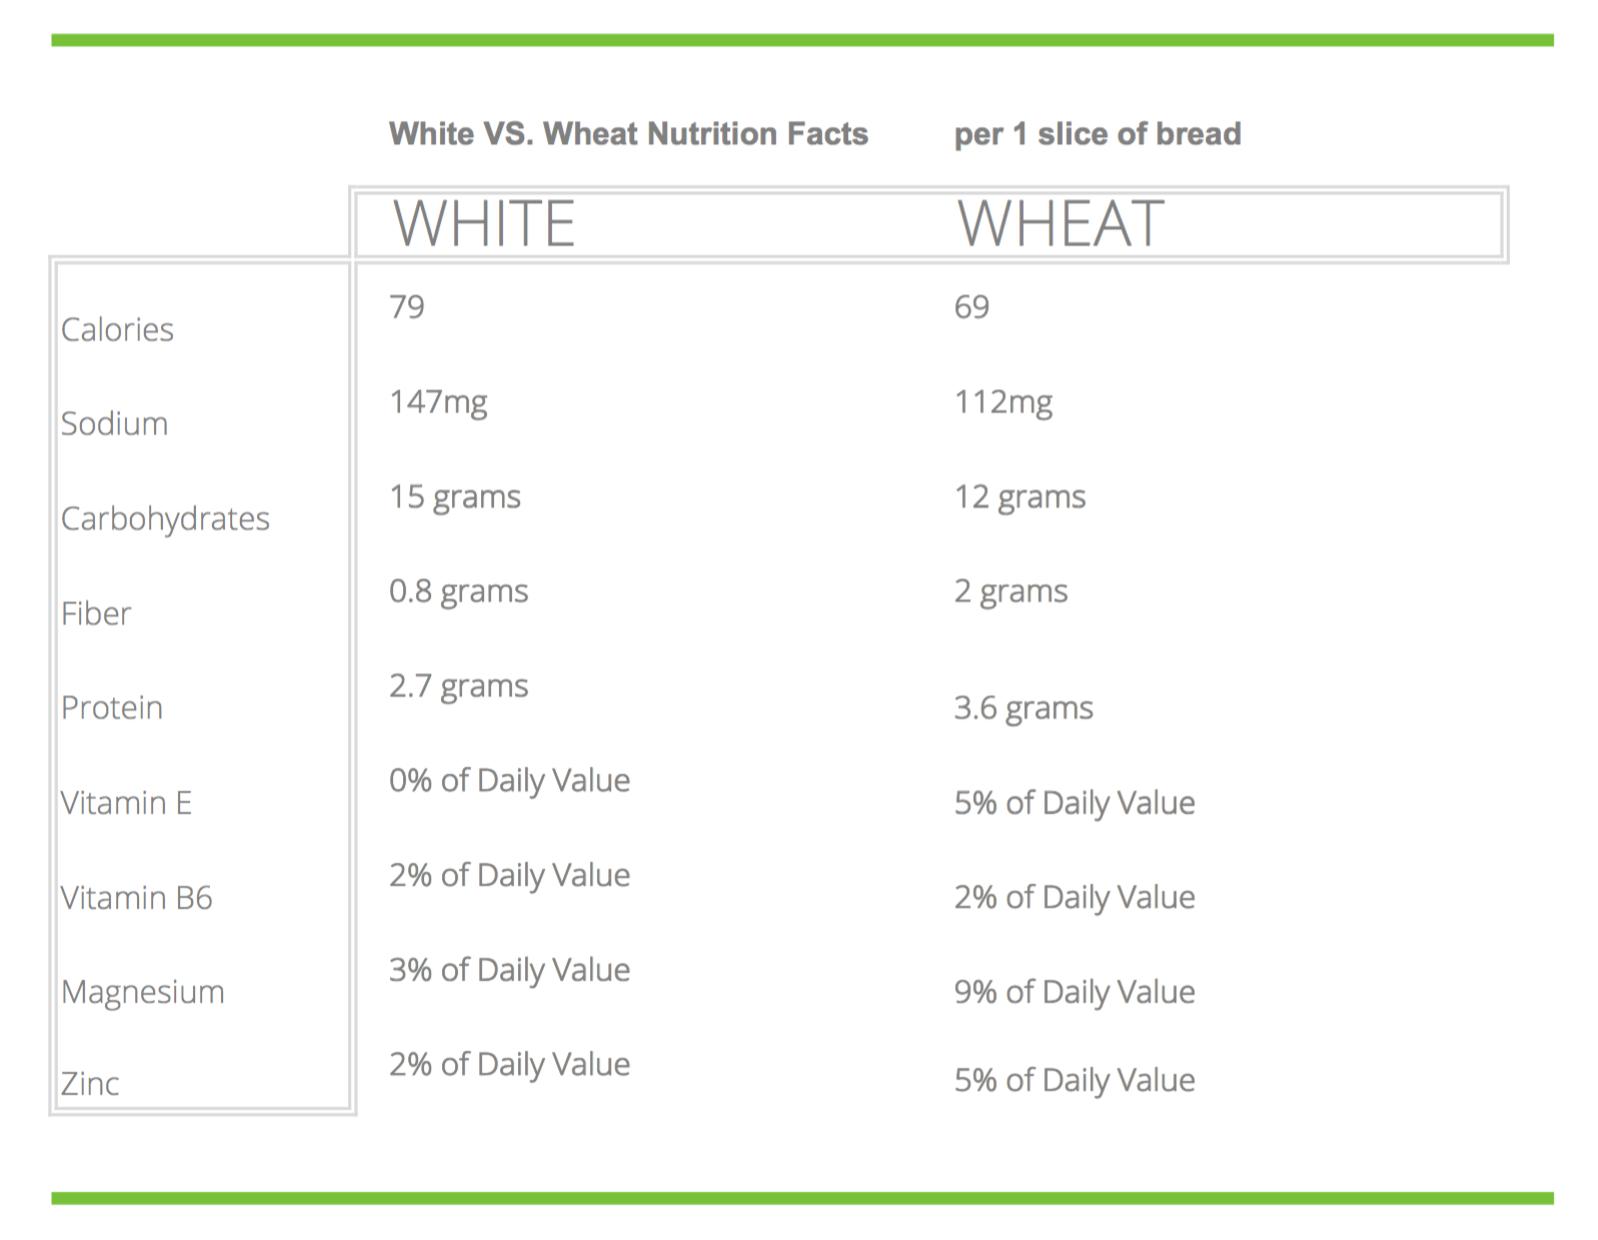 White or Wheat?